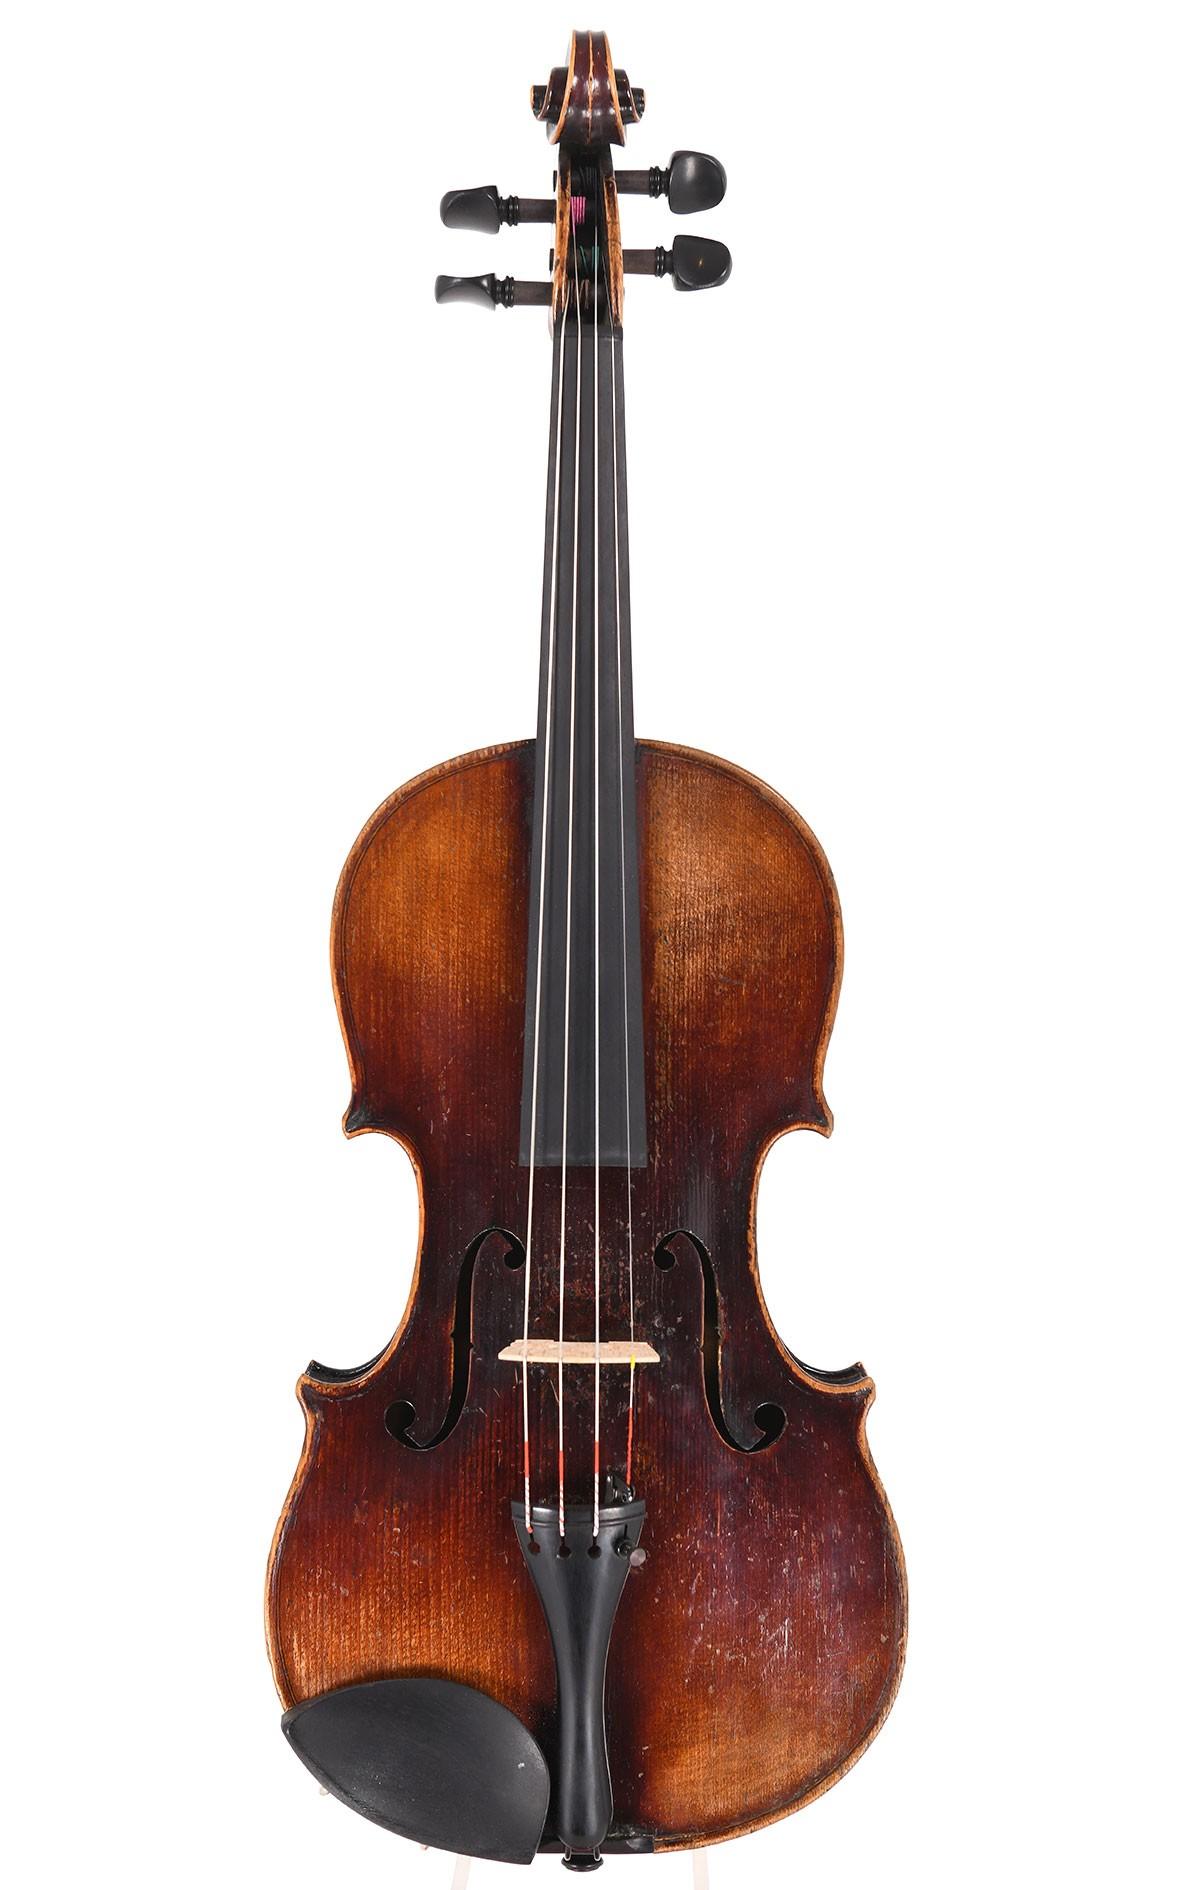 Antique Mittenwald violin by Johann Fürst, built 1860